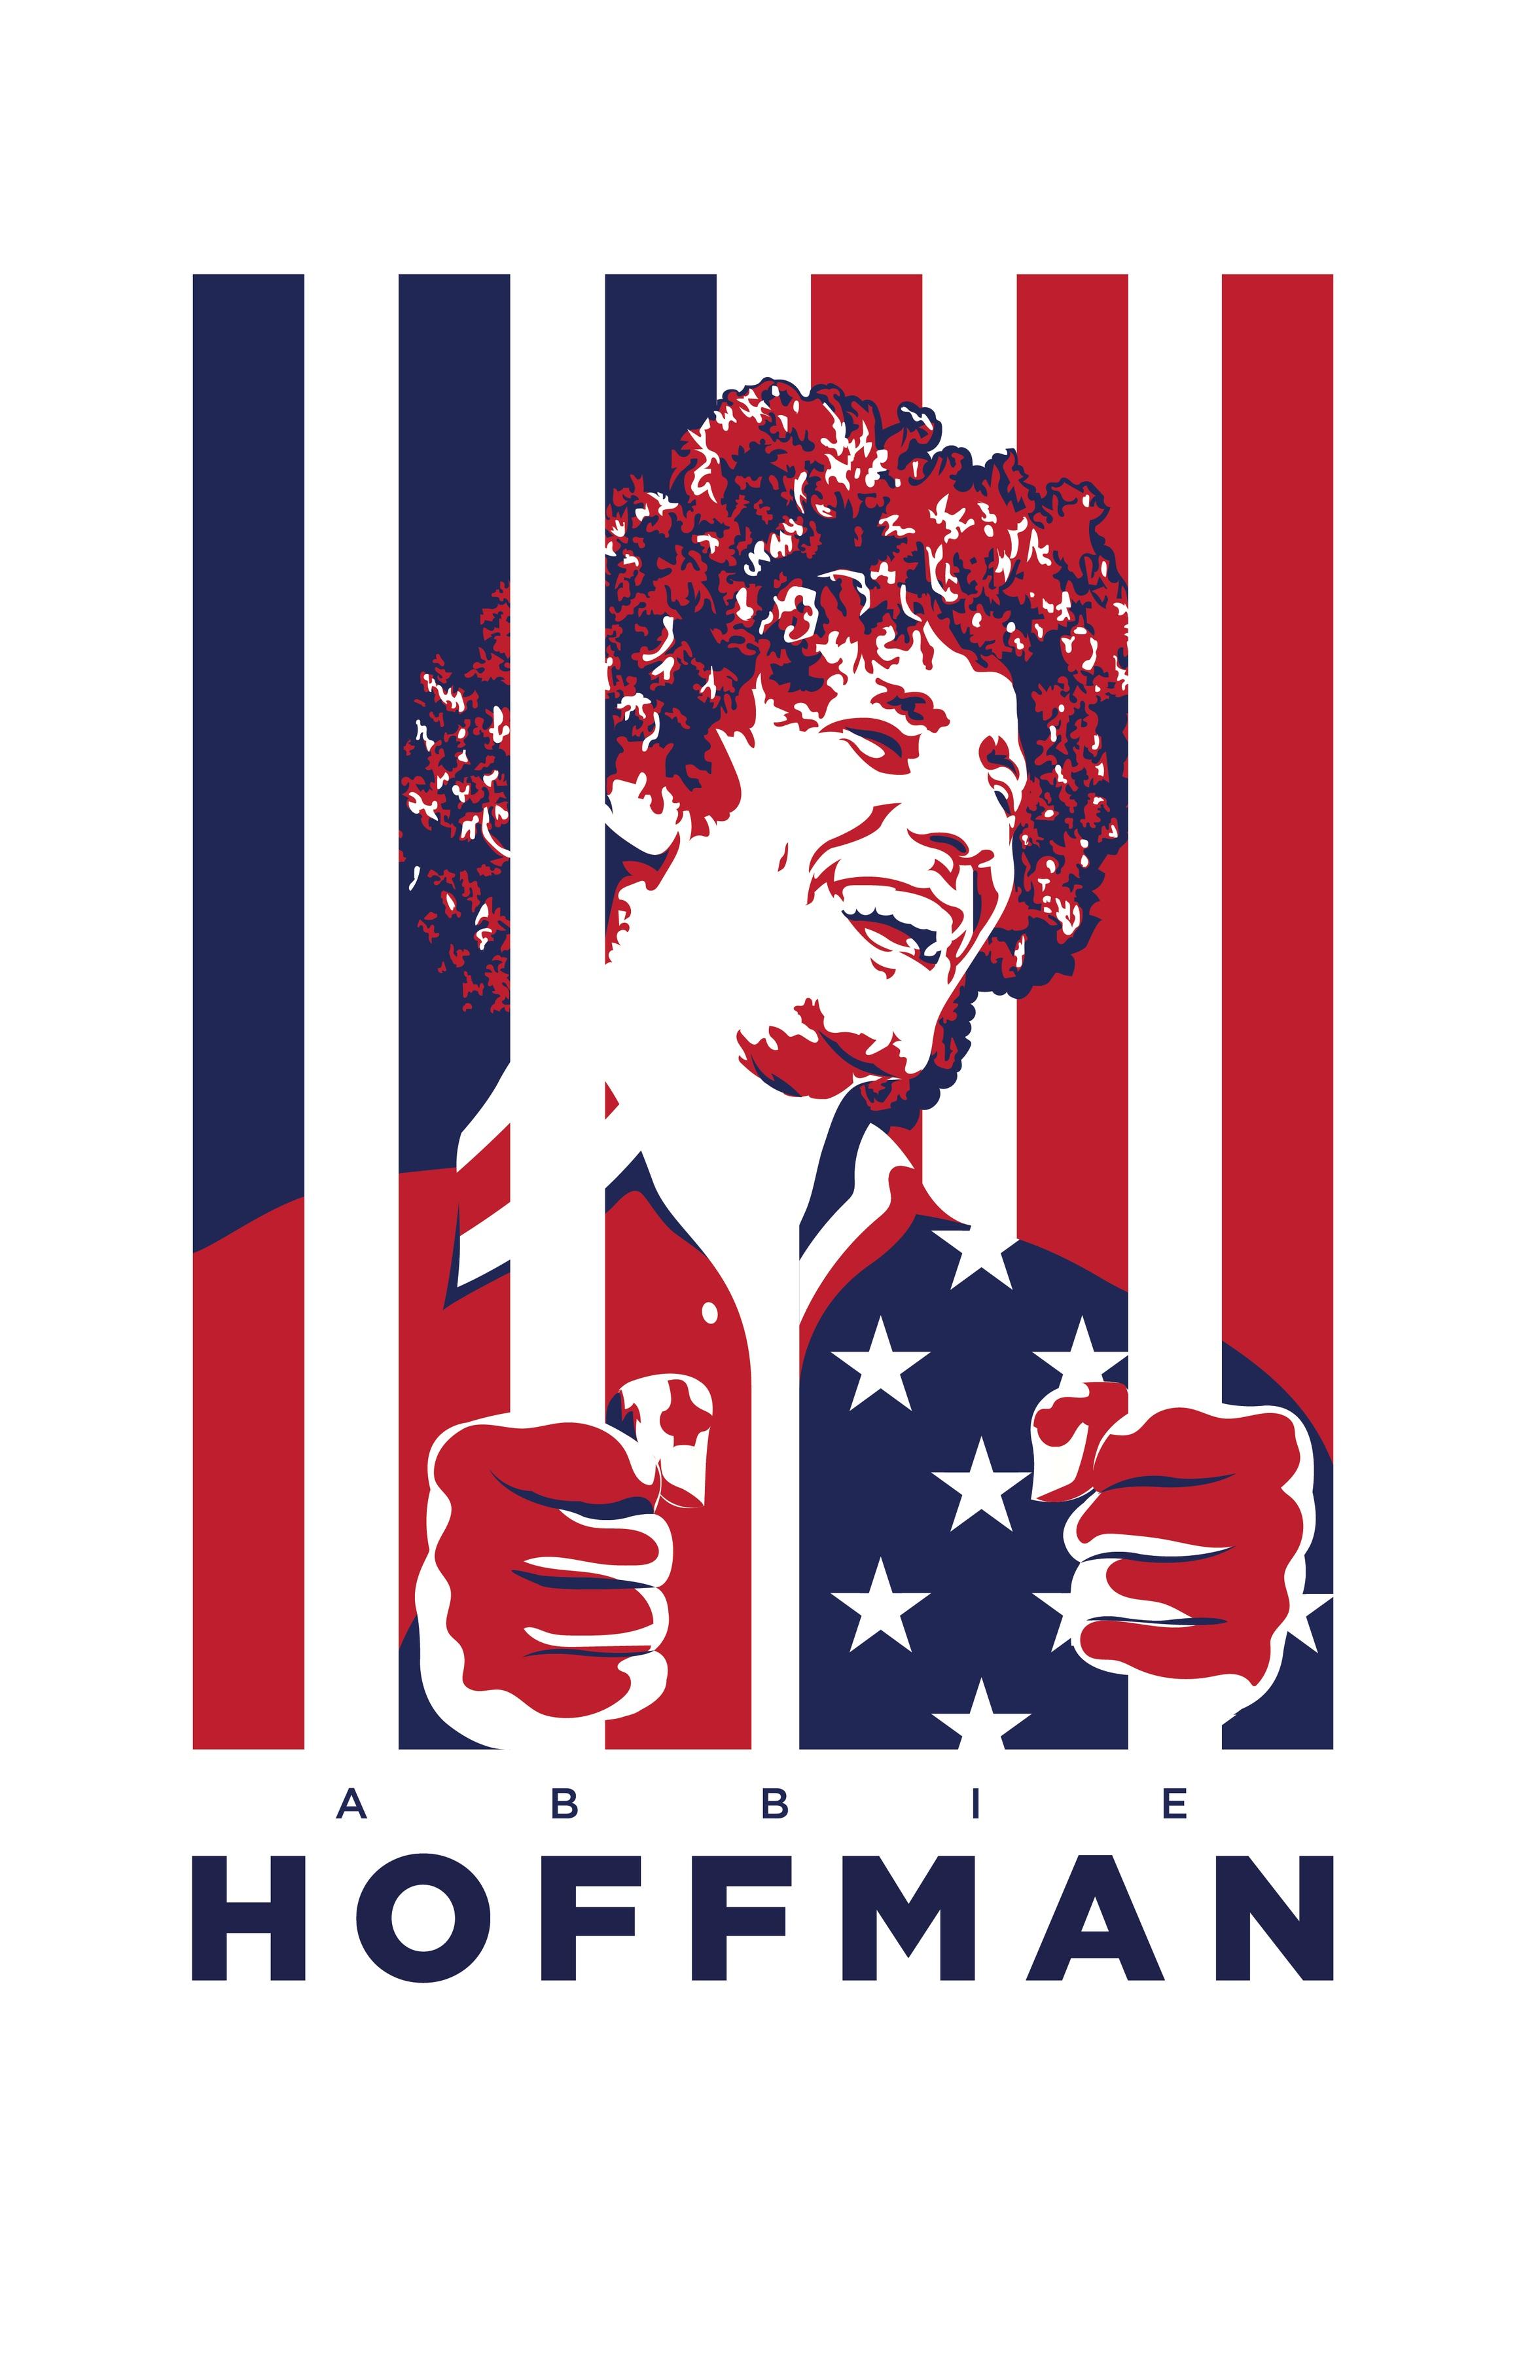 Leader-portrait-HOFFMAN-working-v10-4.png